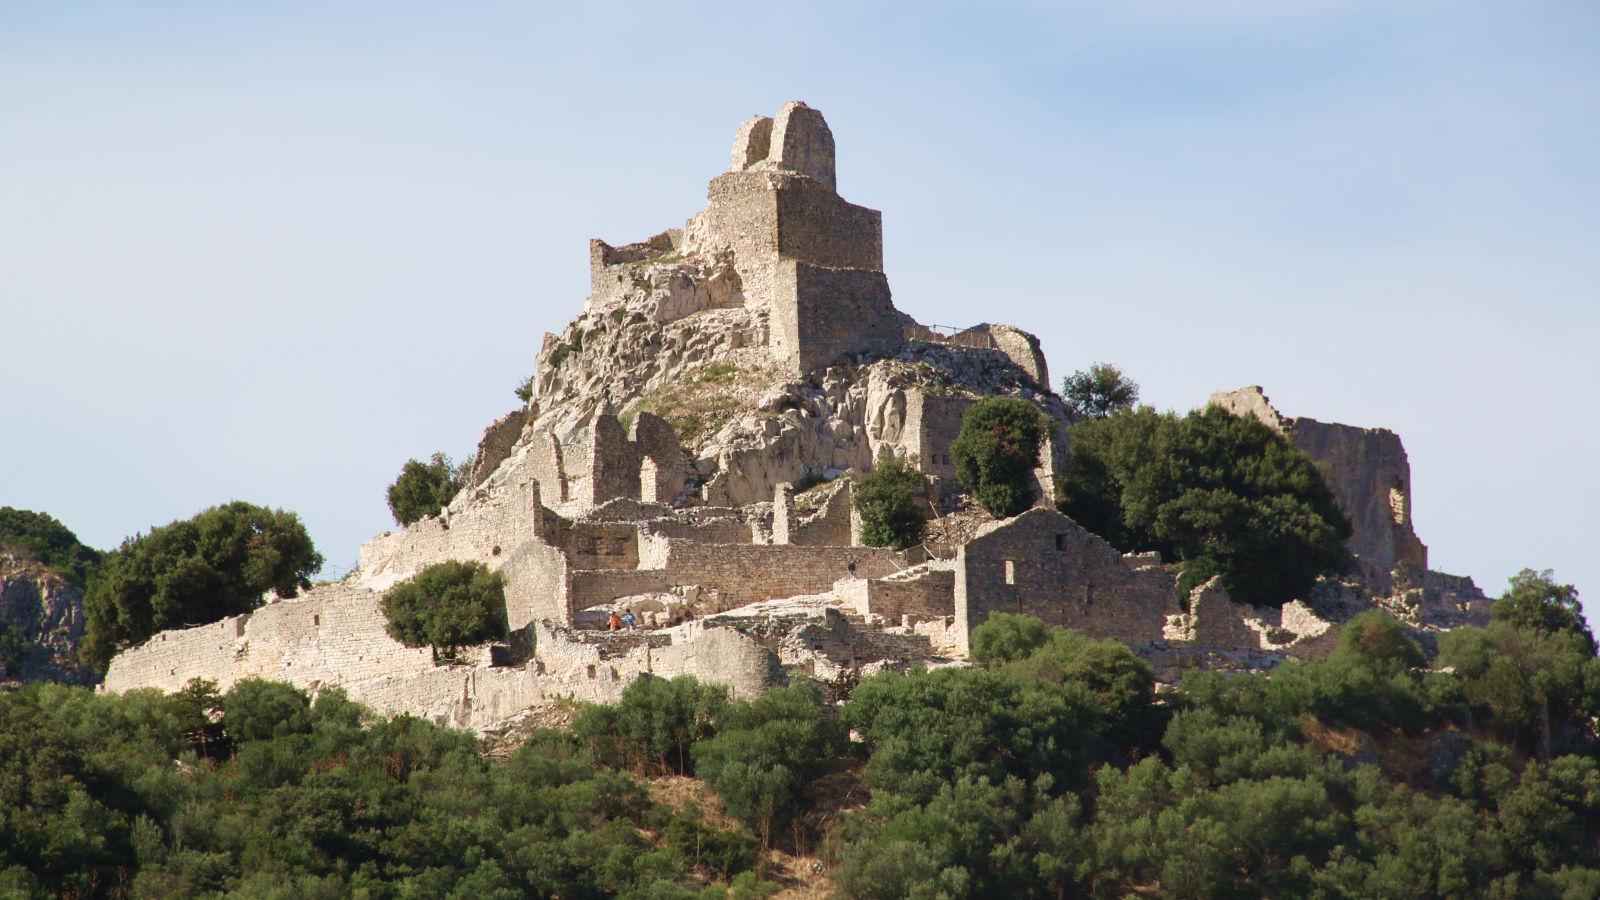 Campiglia Marittima: Rocca di San Silvestro - LepoRello (Wikipedia)